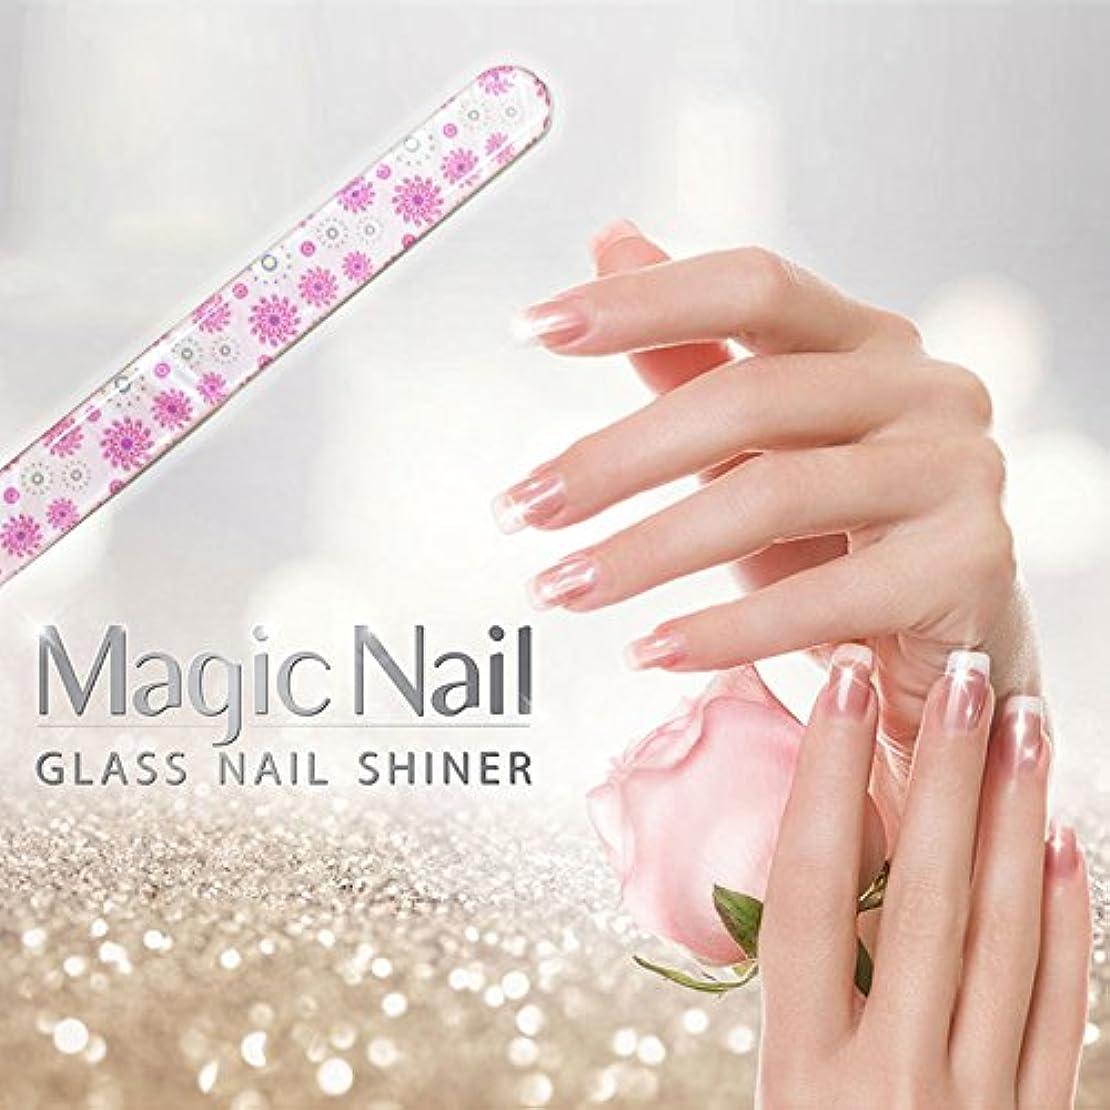 百万氷学生エッサンテ(Essante) マジックネイル magic nail マニキュアを塗ったようなツヤ、輝きが家で誰でも簡単に出来る glass nail shiner ガラスネイルシャイナー おしゃれなデザイン つめやすり ...